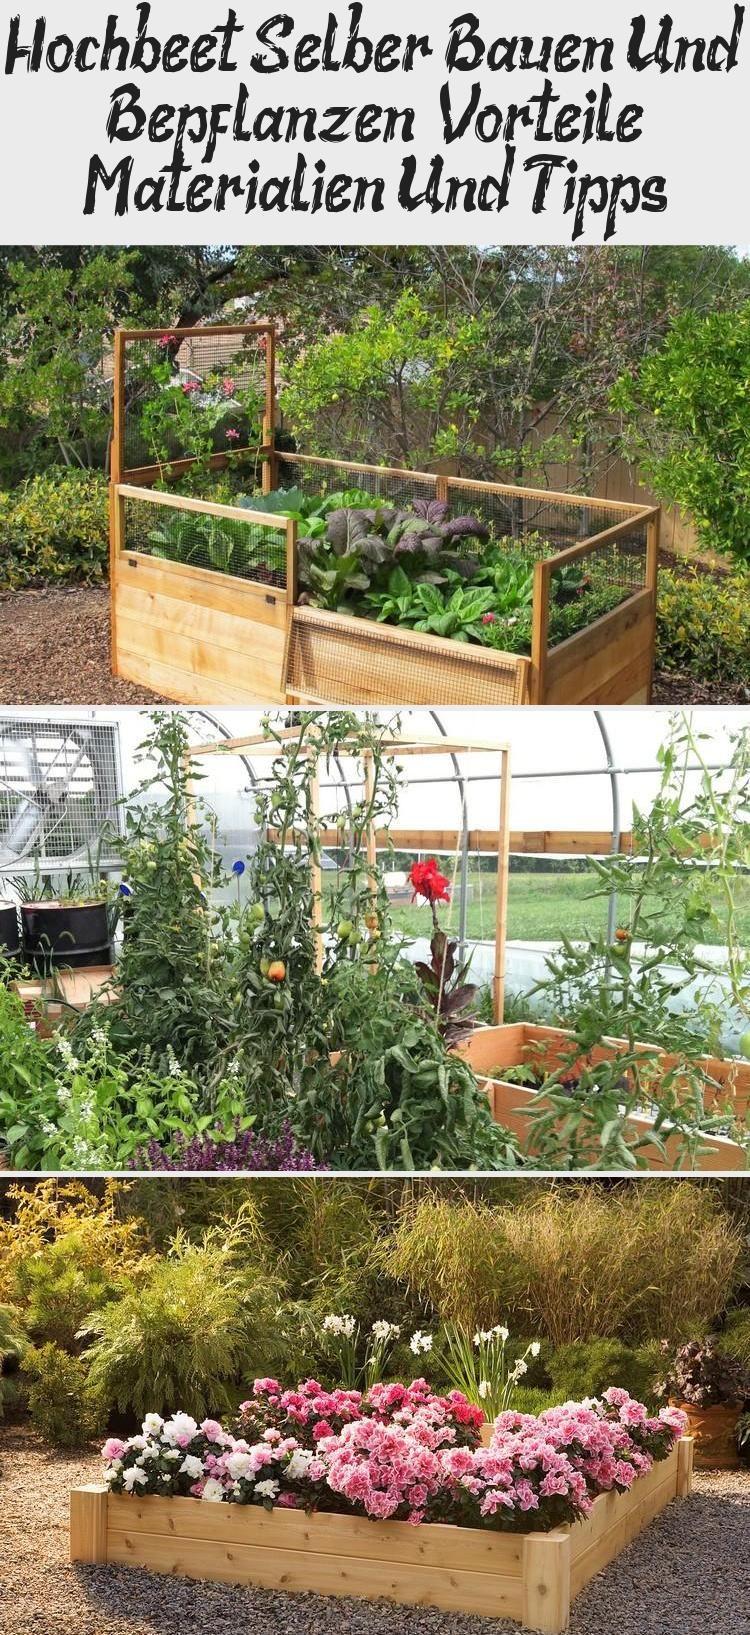 Garten Hochbeet Selber Bauen Und Bepflanzen Vorteile Materialien Und Tipps Hochbeet Selber Bauen Und Bepflanzen In 2020 Outdoor Structures Plants Outdoor